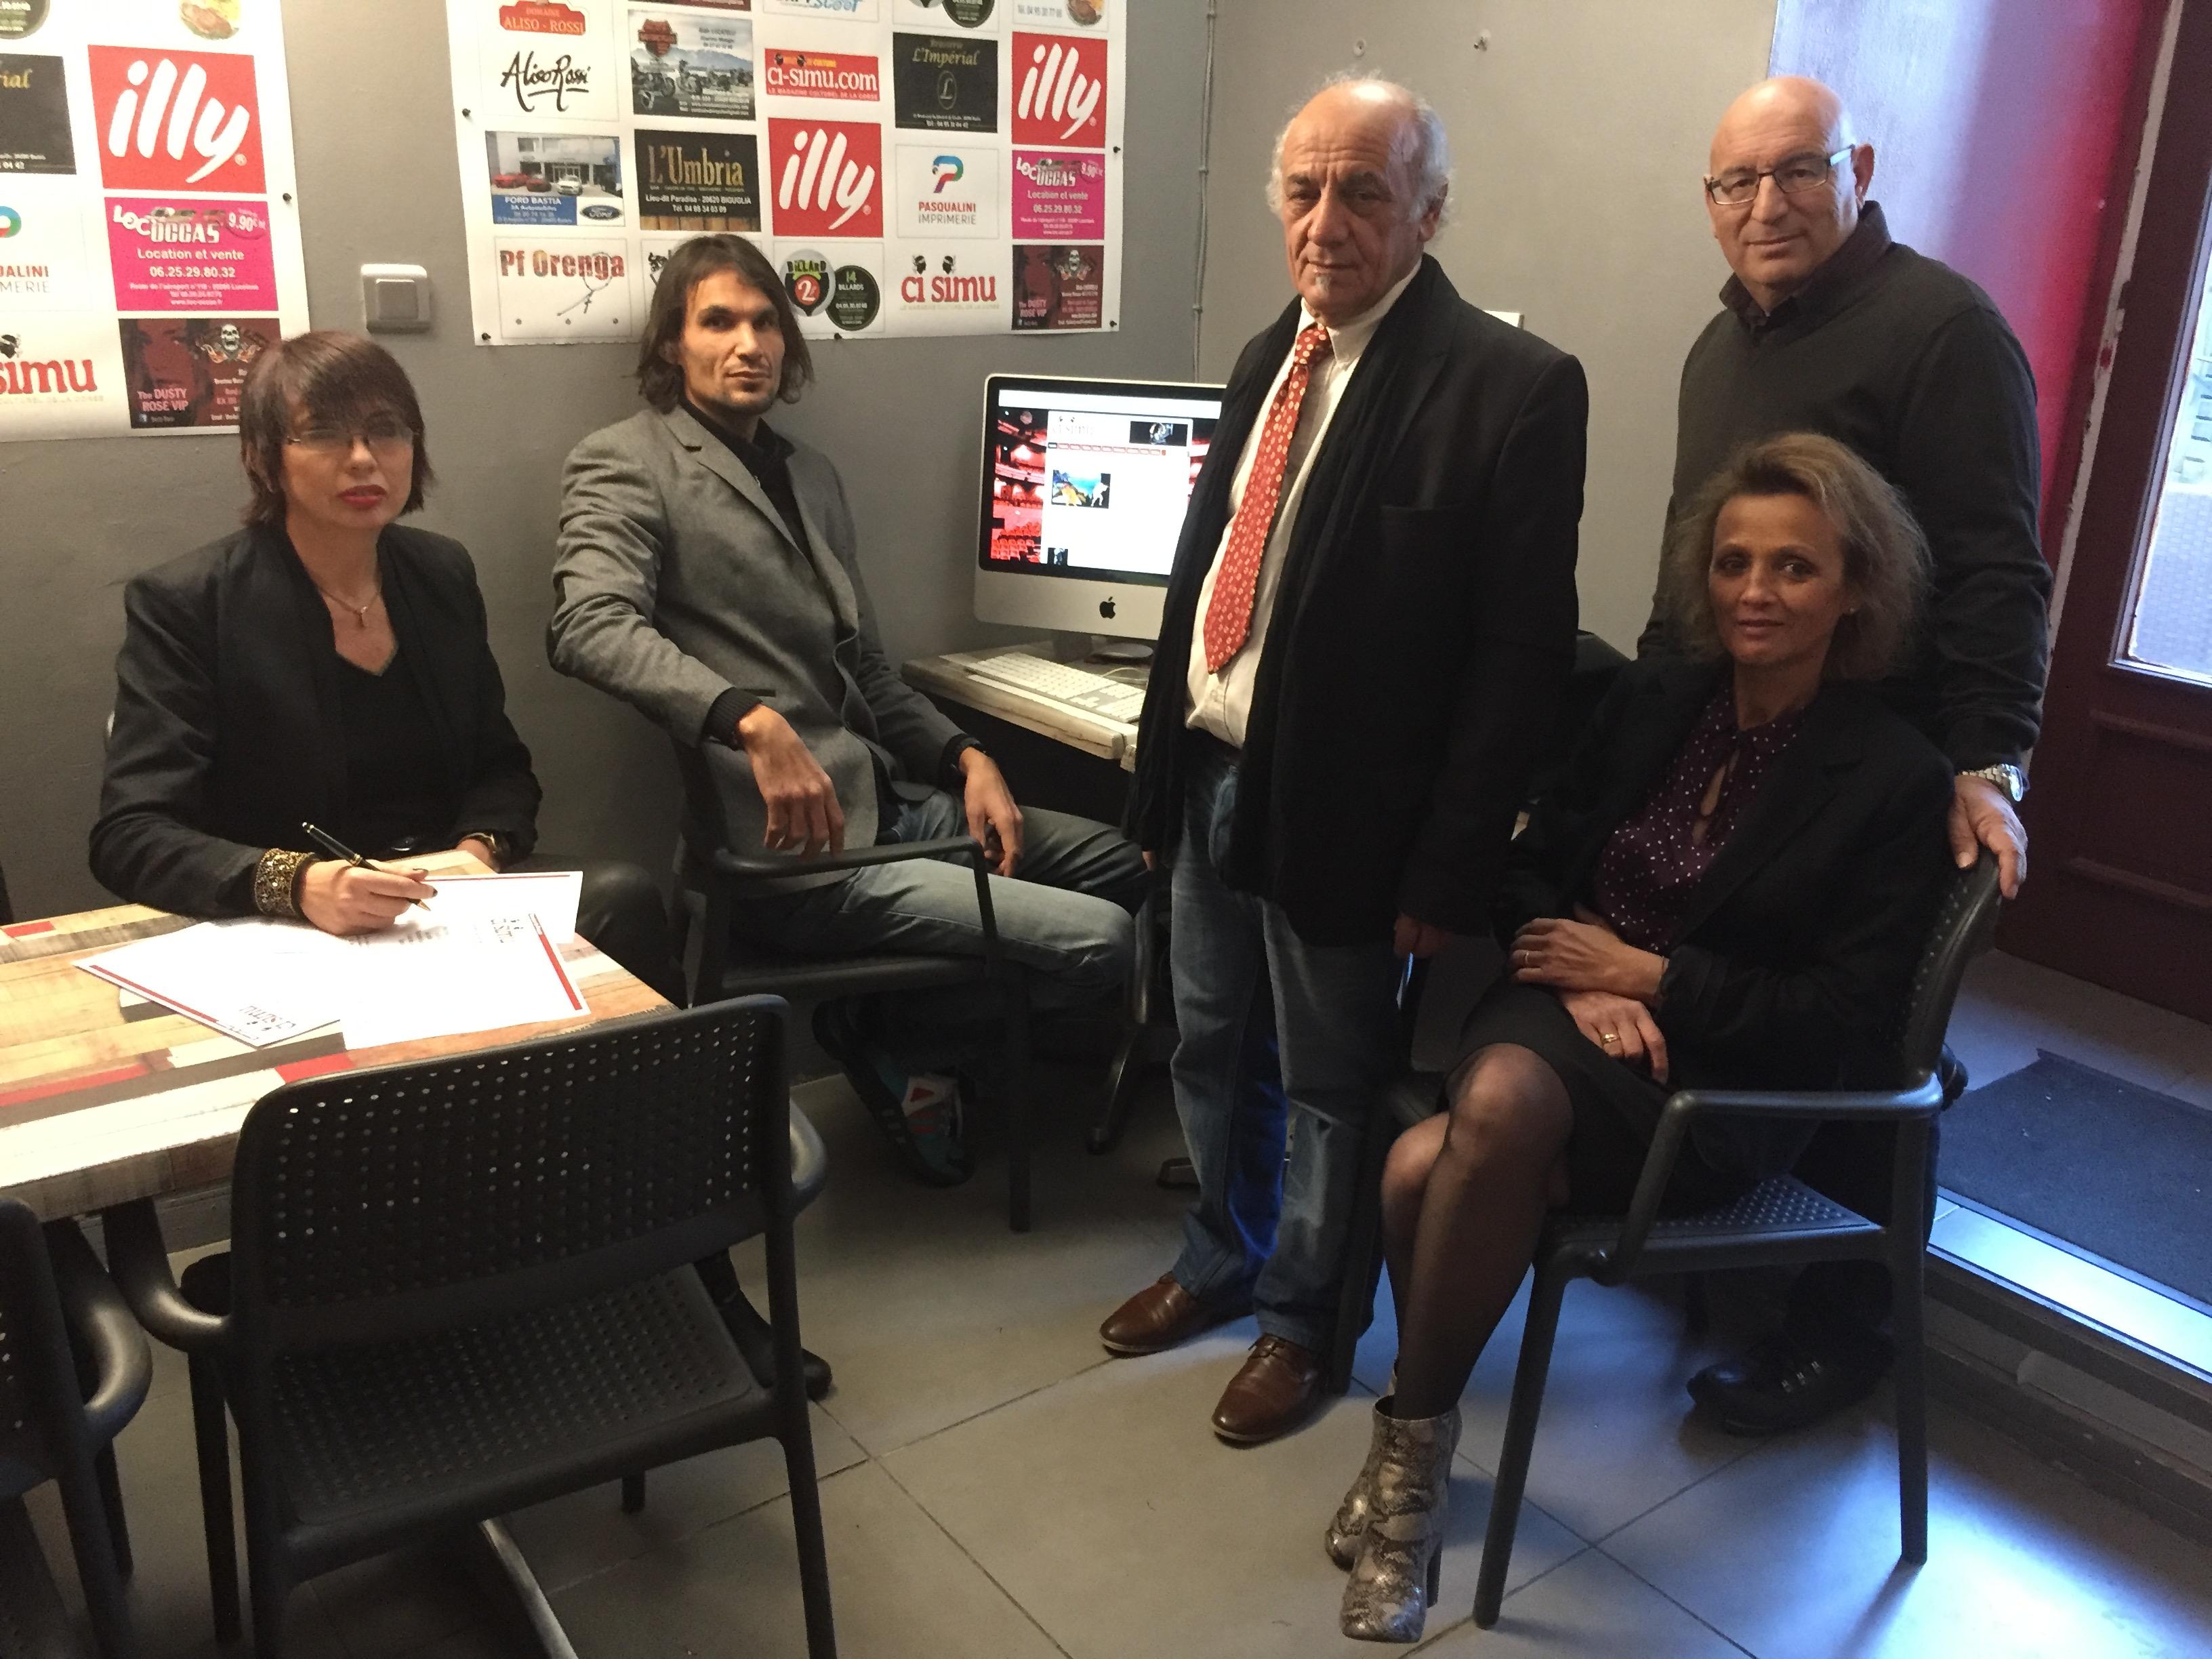 Francesca Quilichini (rédactrice en chef), Lionel Bau (webmaster), Joseph Frappolo (directeur de publication),  Louis Vignaroli (photographe)  et Emma Servant (secrétaire de rédaction) : « Ci simu » est de retour !